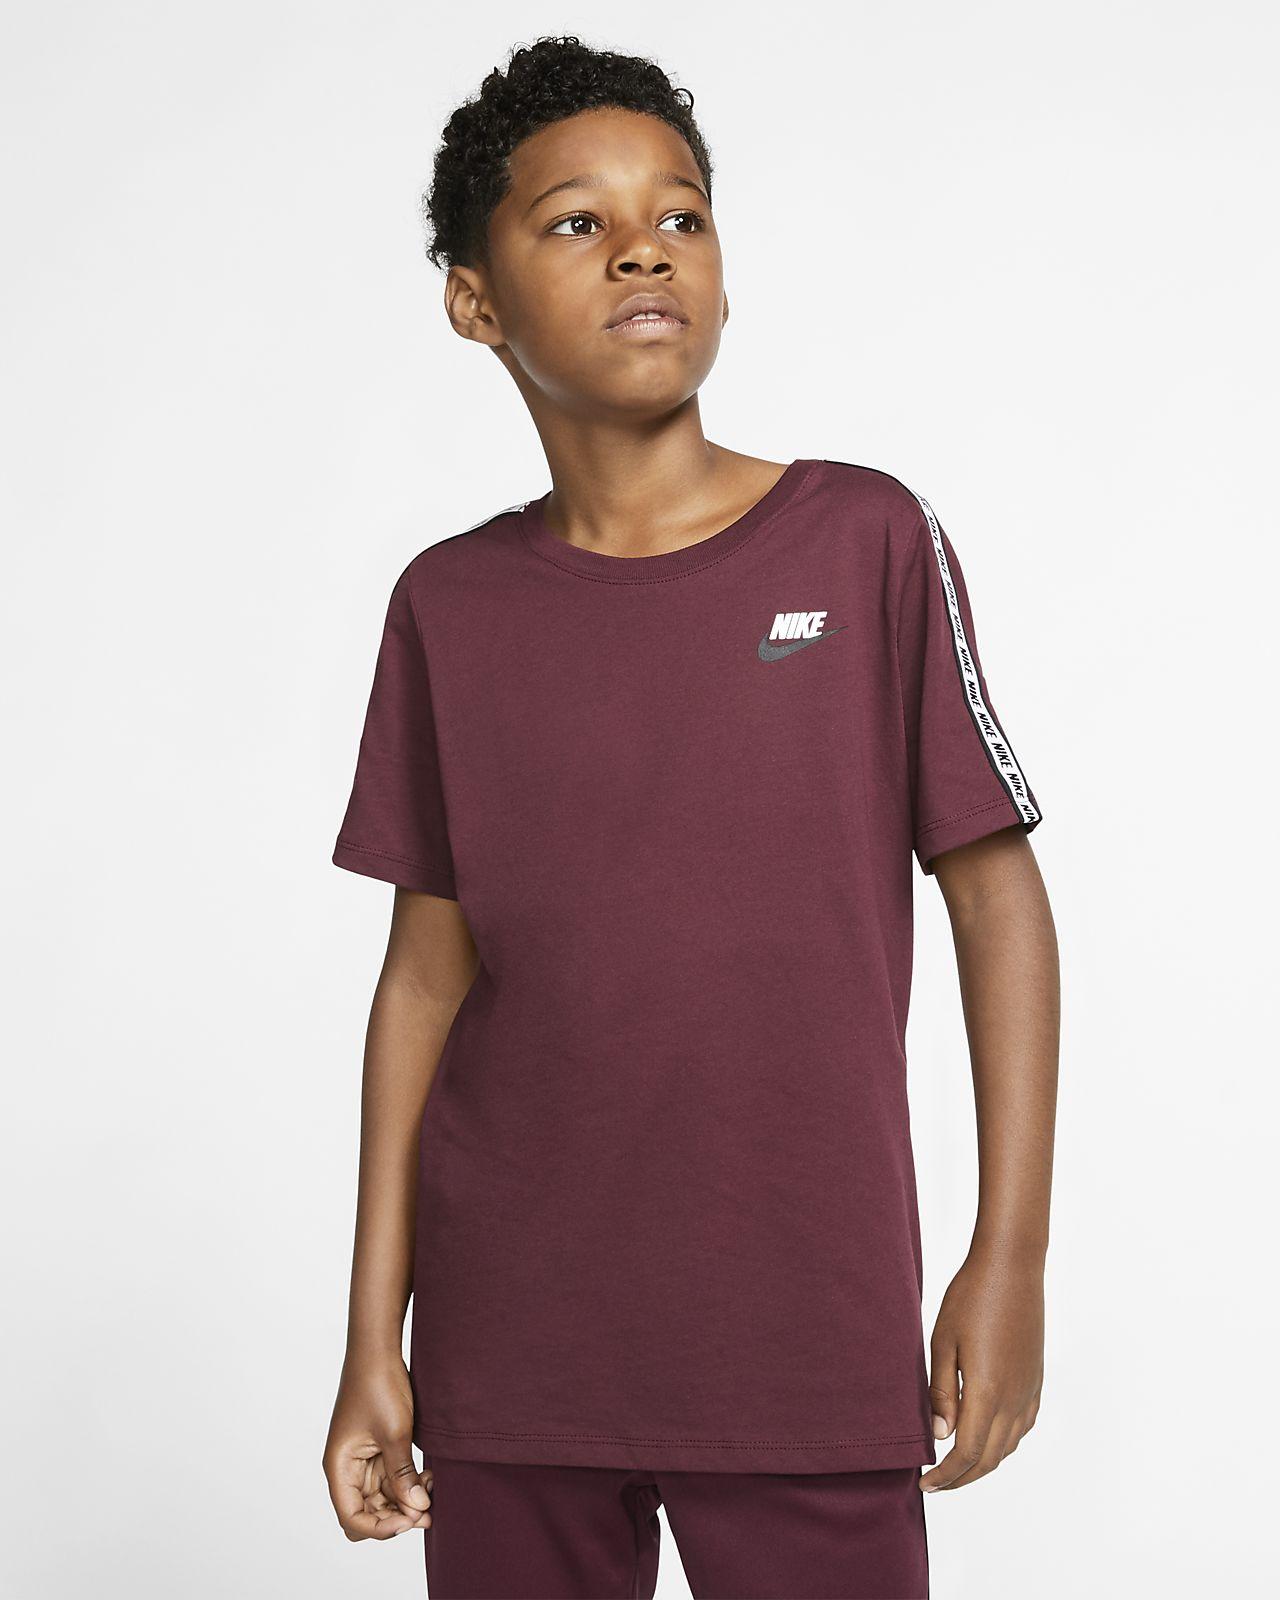 Nike Sportswear Older Kids' T Shirt